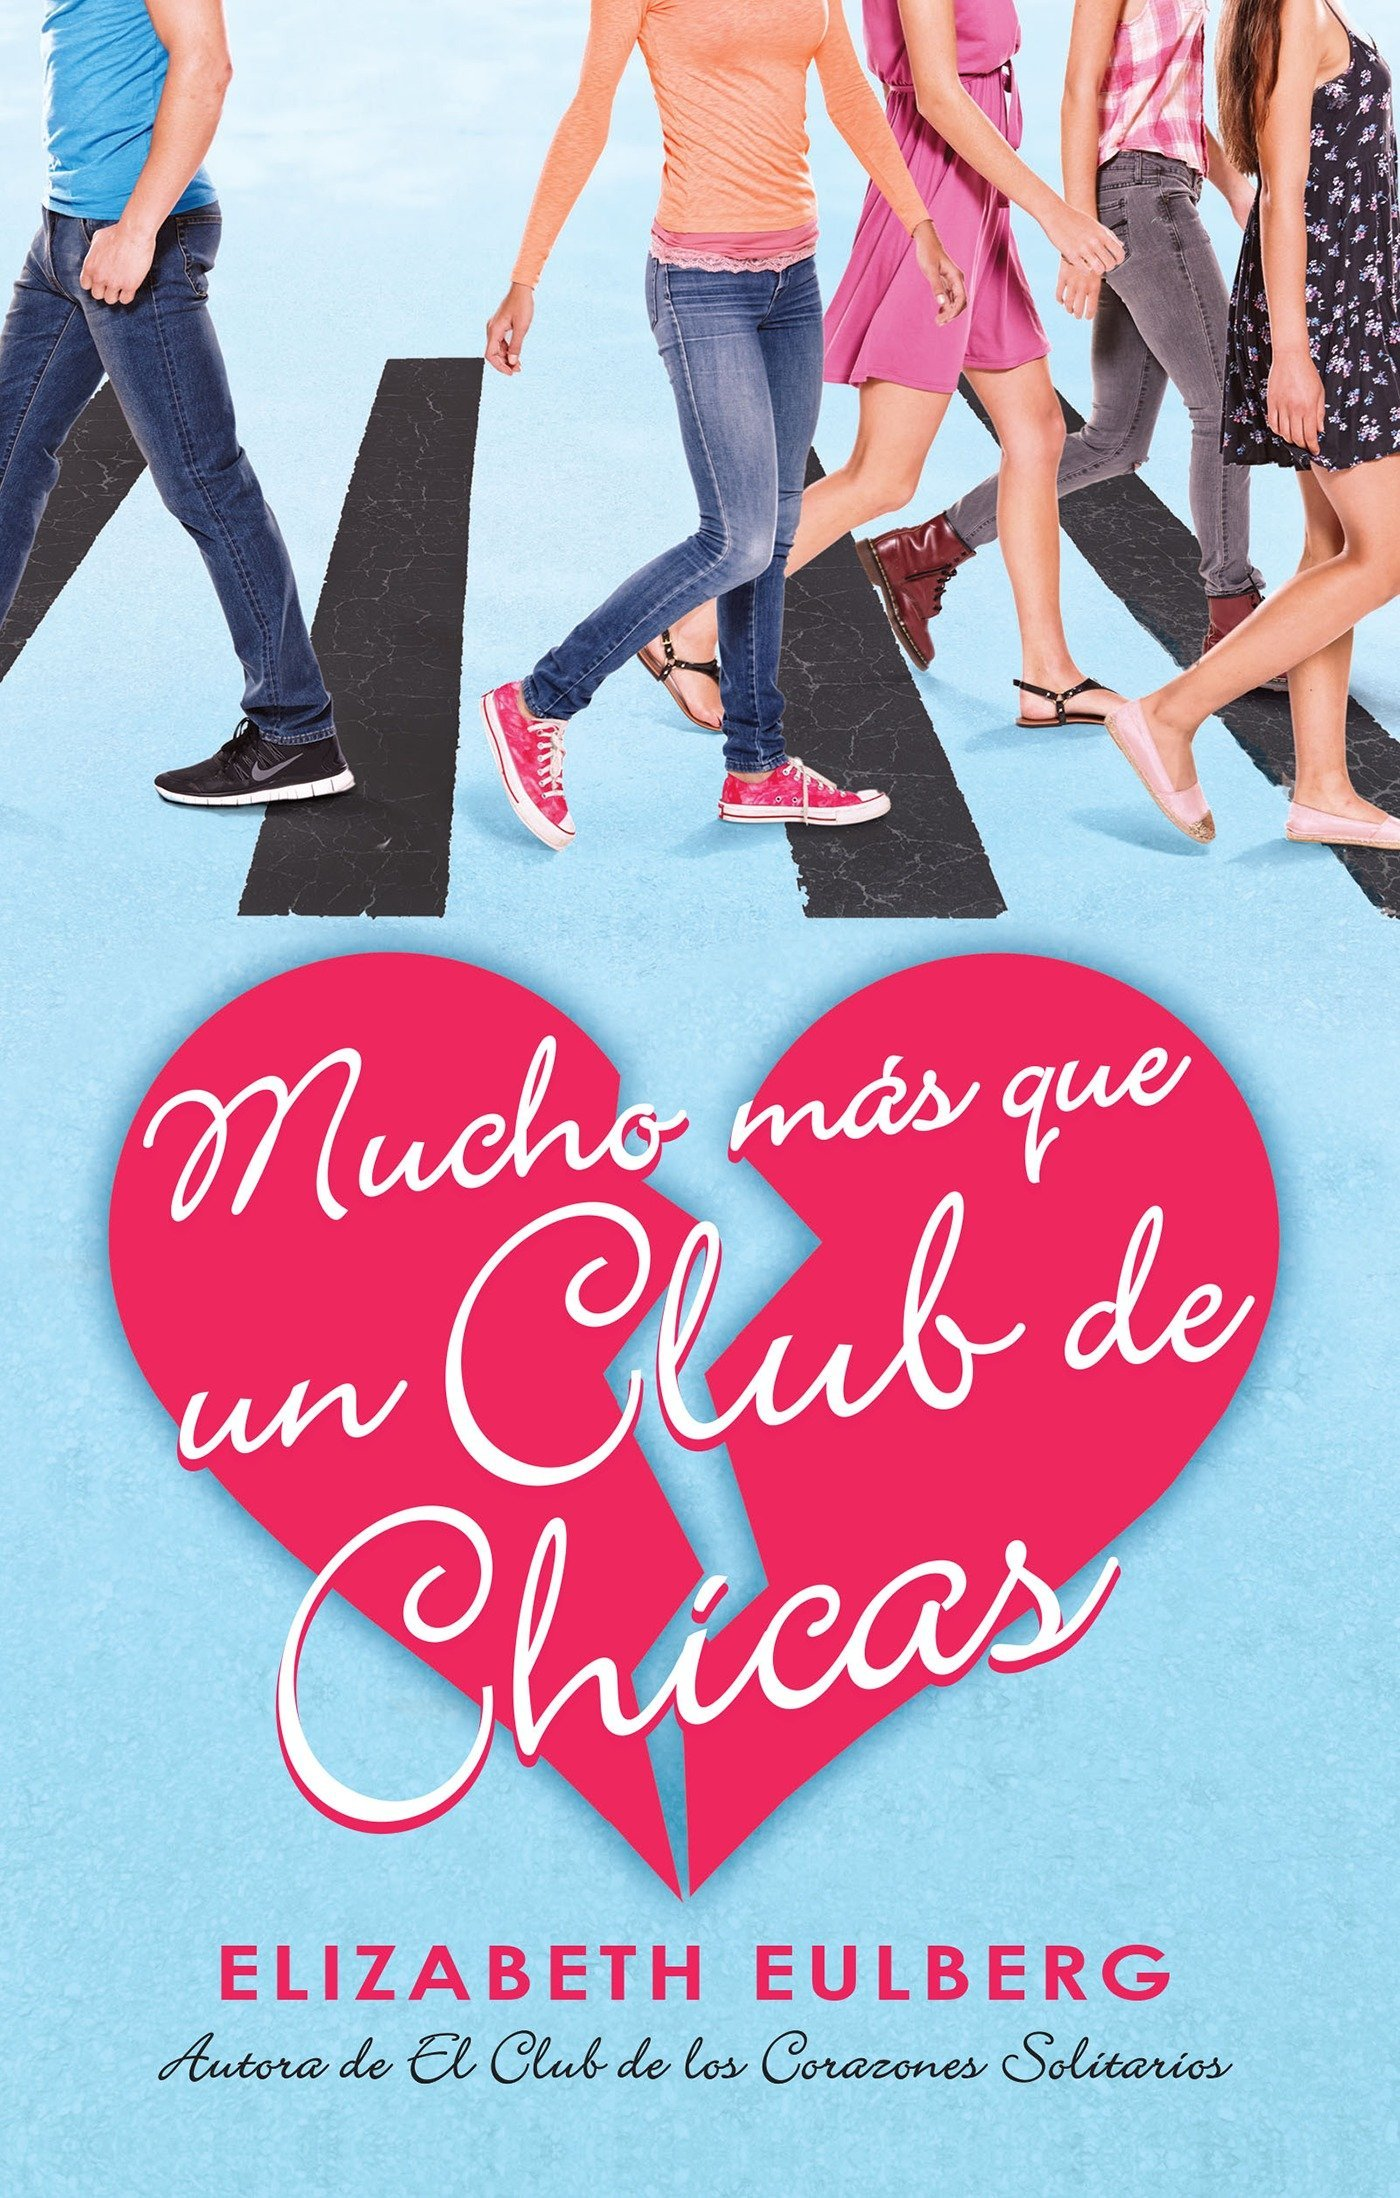 Amazon.com: Mucho más que un club de chicas. El club de los corazones solitarios / We Can Wo rk It Out. The Lonely Hearts Club (Spanish Edition) ...